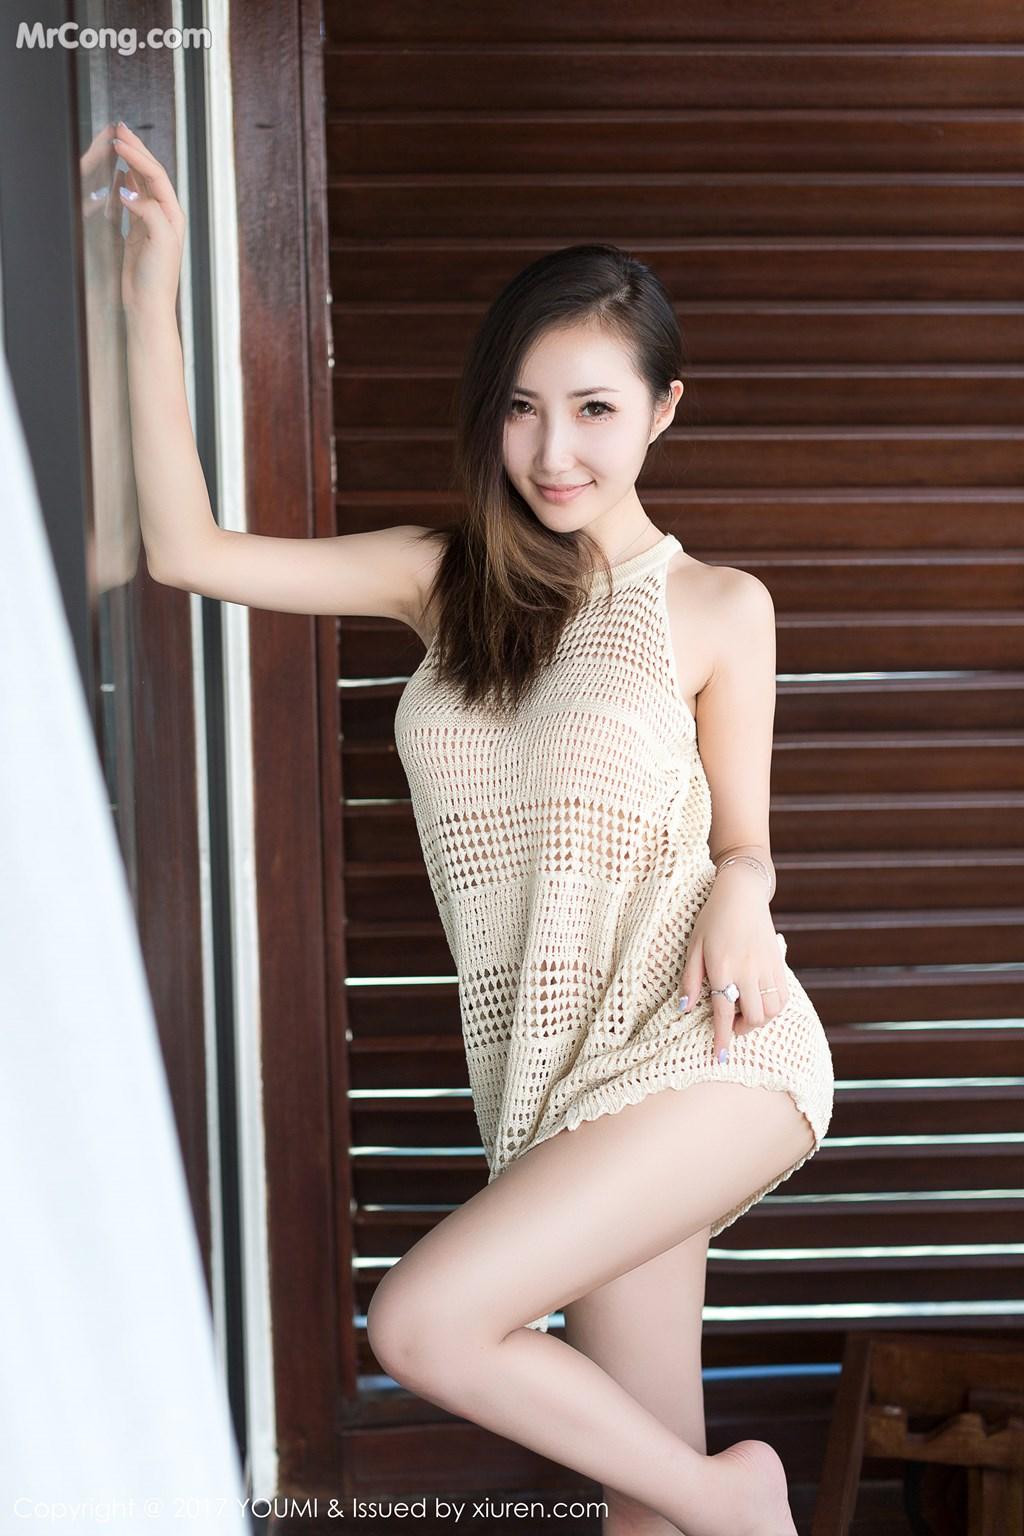 Image YouMi-Vol.100-Yumi-MrCong.com-006 in post YouMi Vol.100: Người mẫu Yumi (尤美) (42 ảnh)